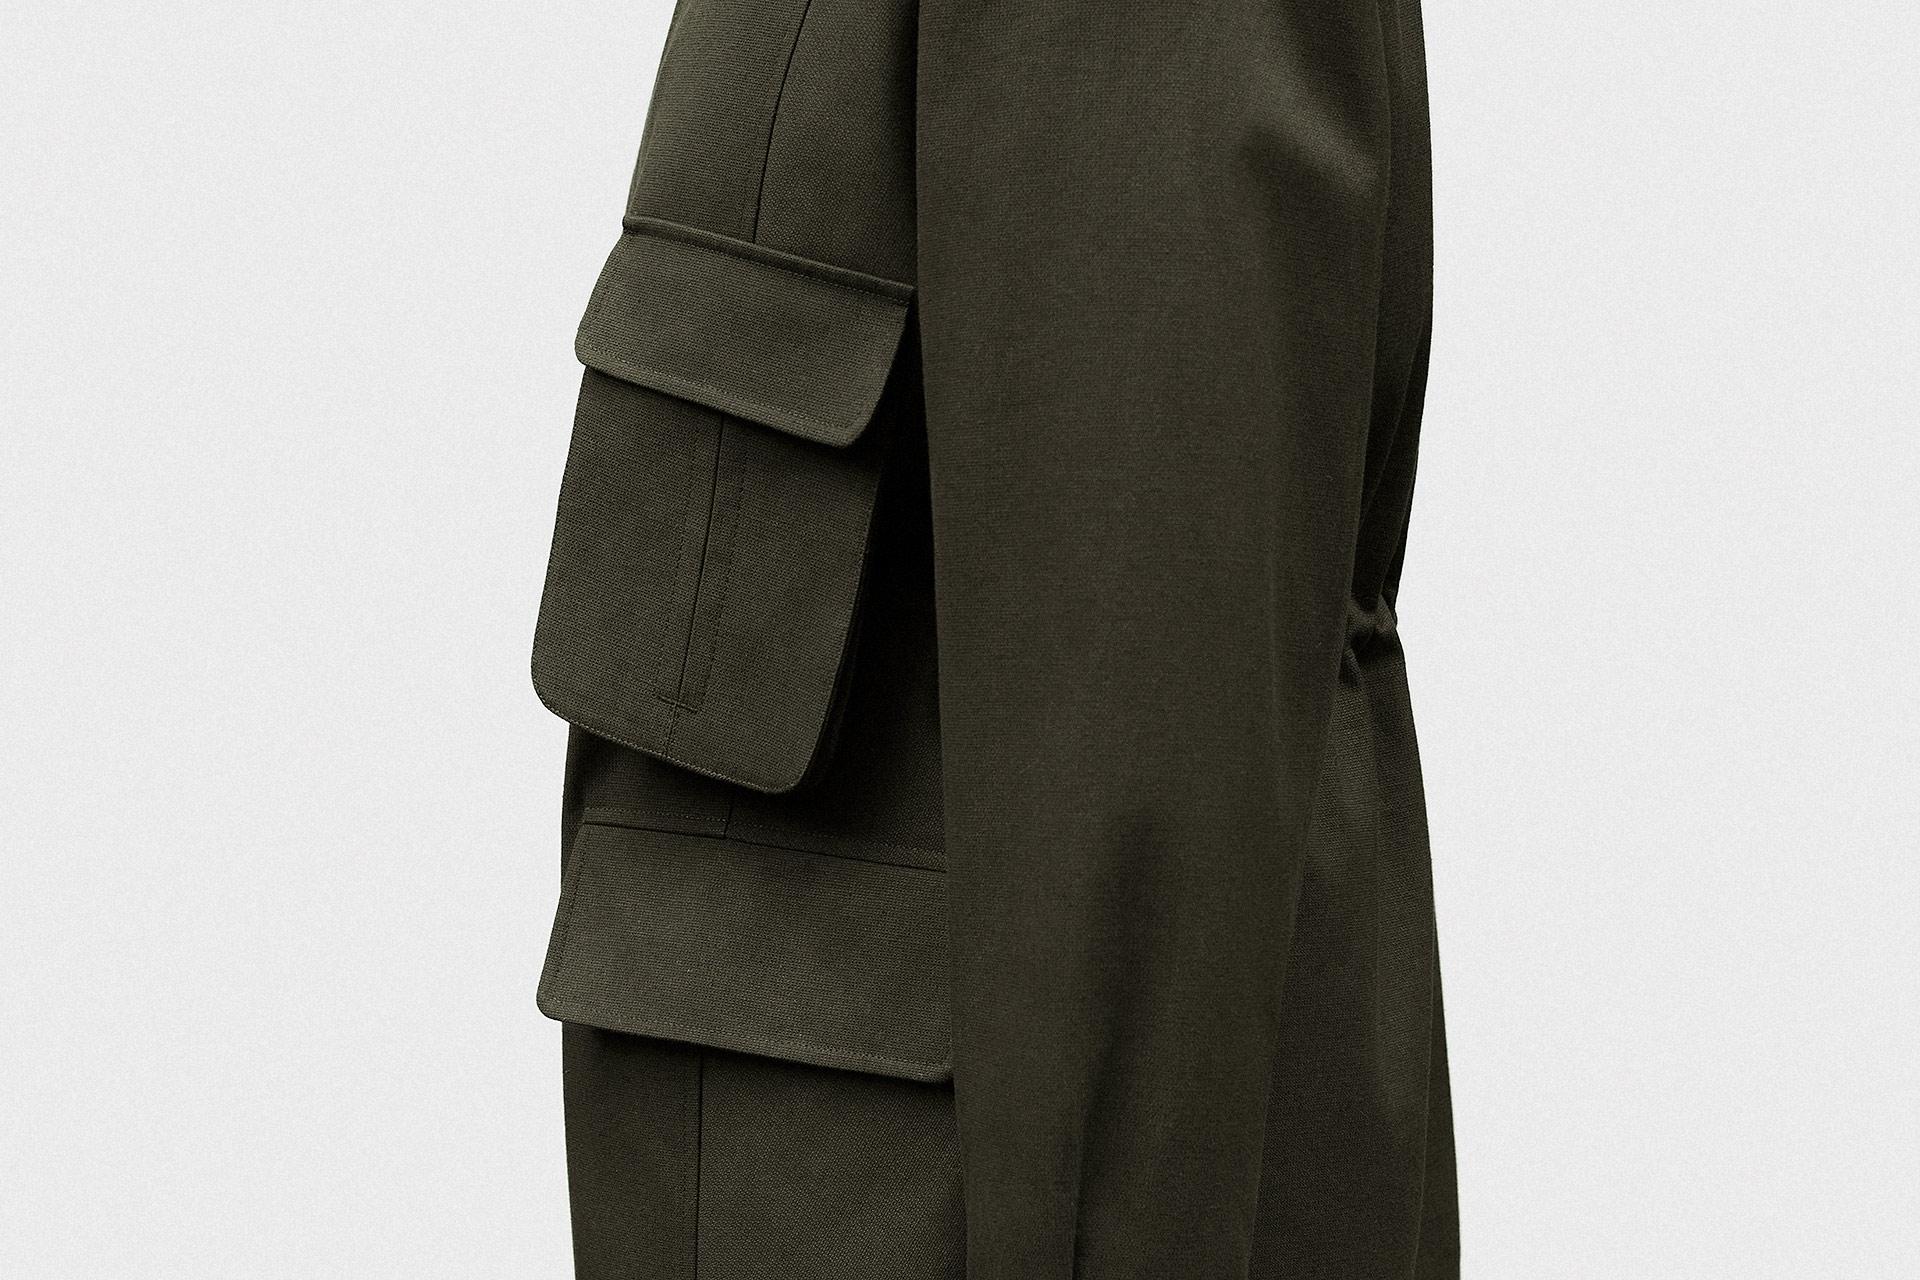 field-jacket-airweave-cotton-green-3@2x.jpg